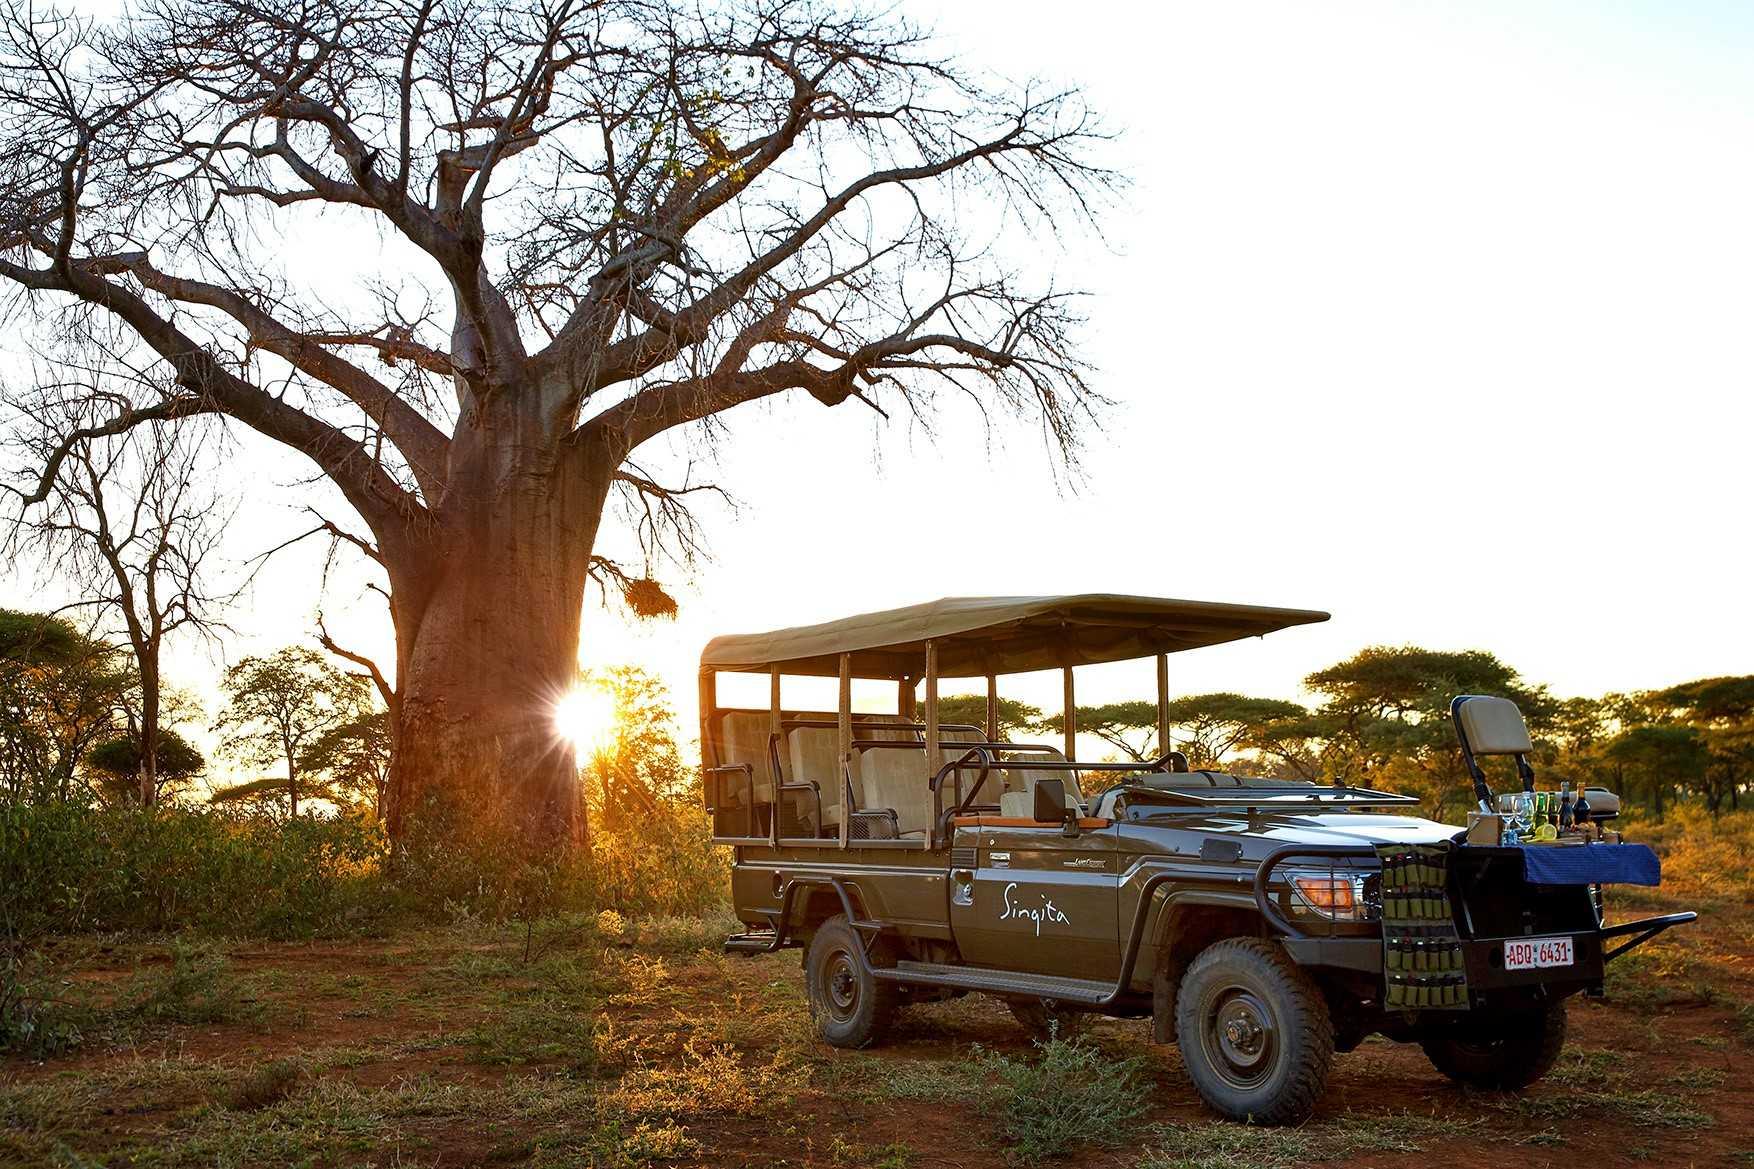 Singita safari car picture